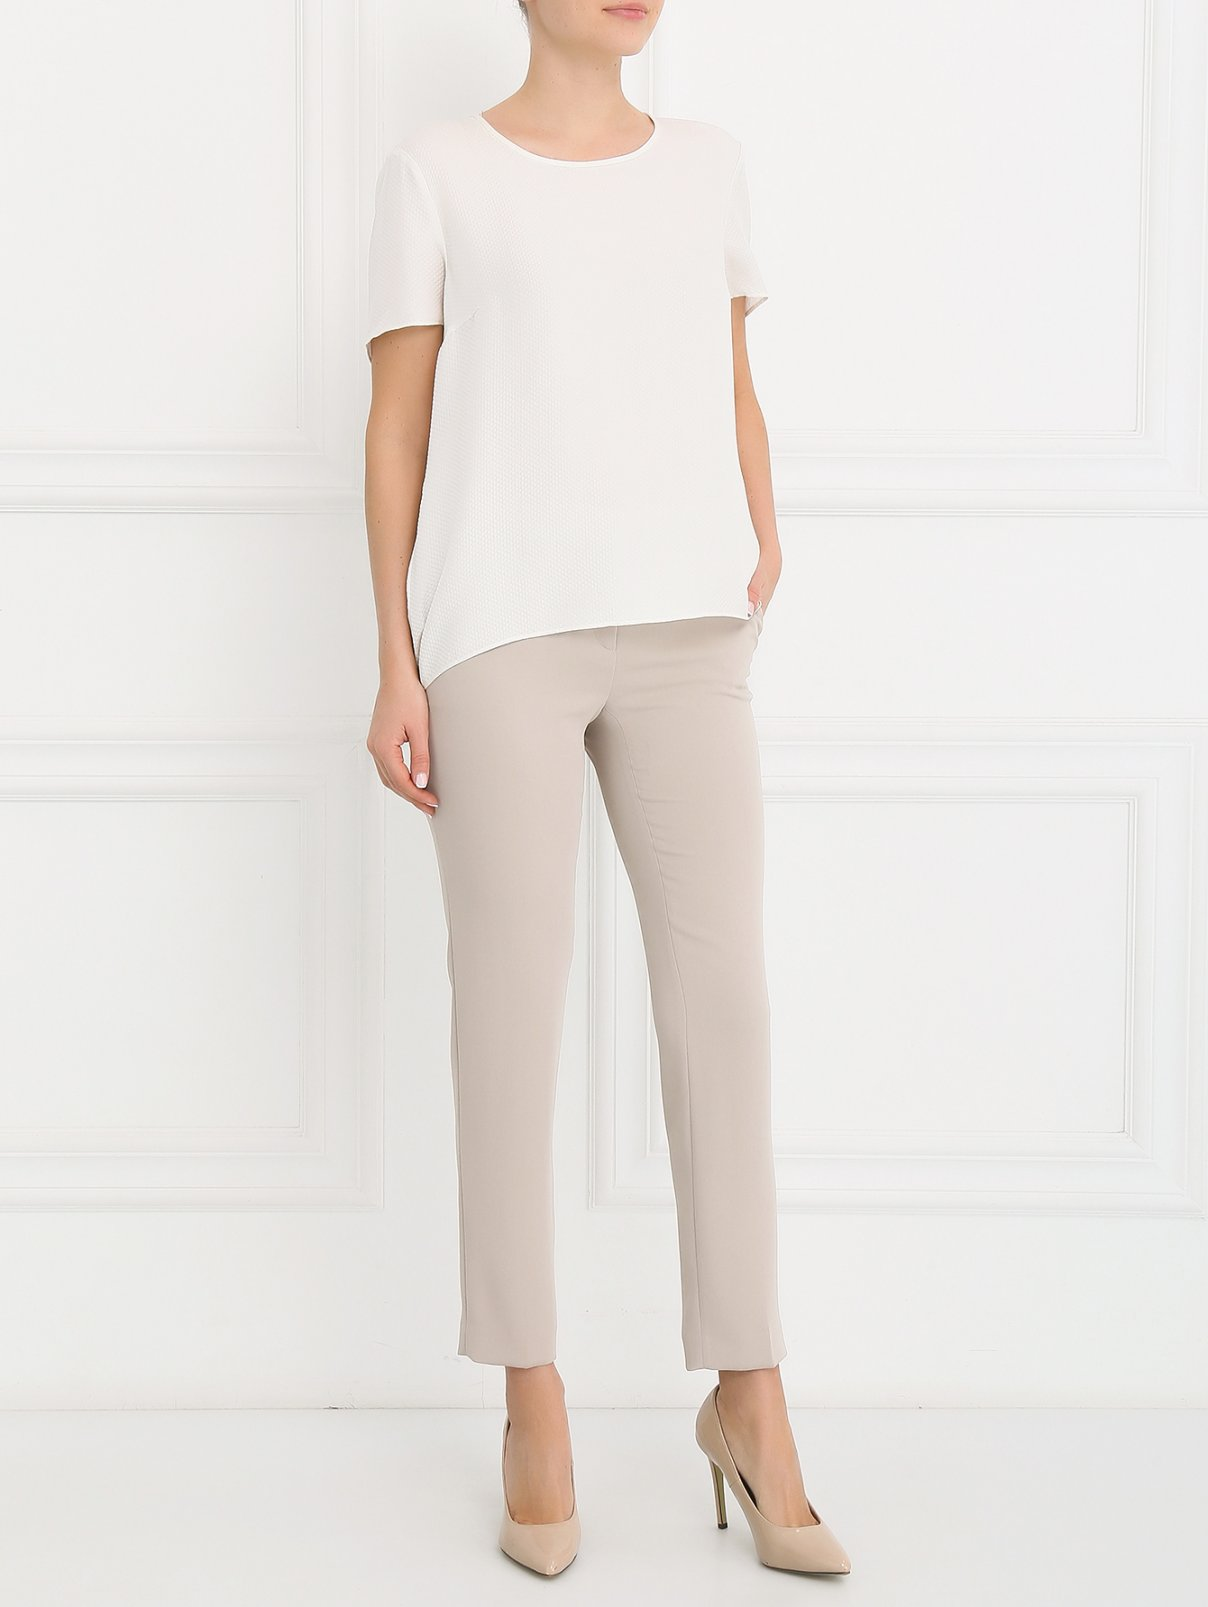 Узкие брюки прямого кроя с боковыми карманами Ermanno Scervino  –  Модель Общий вид